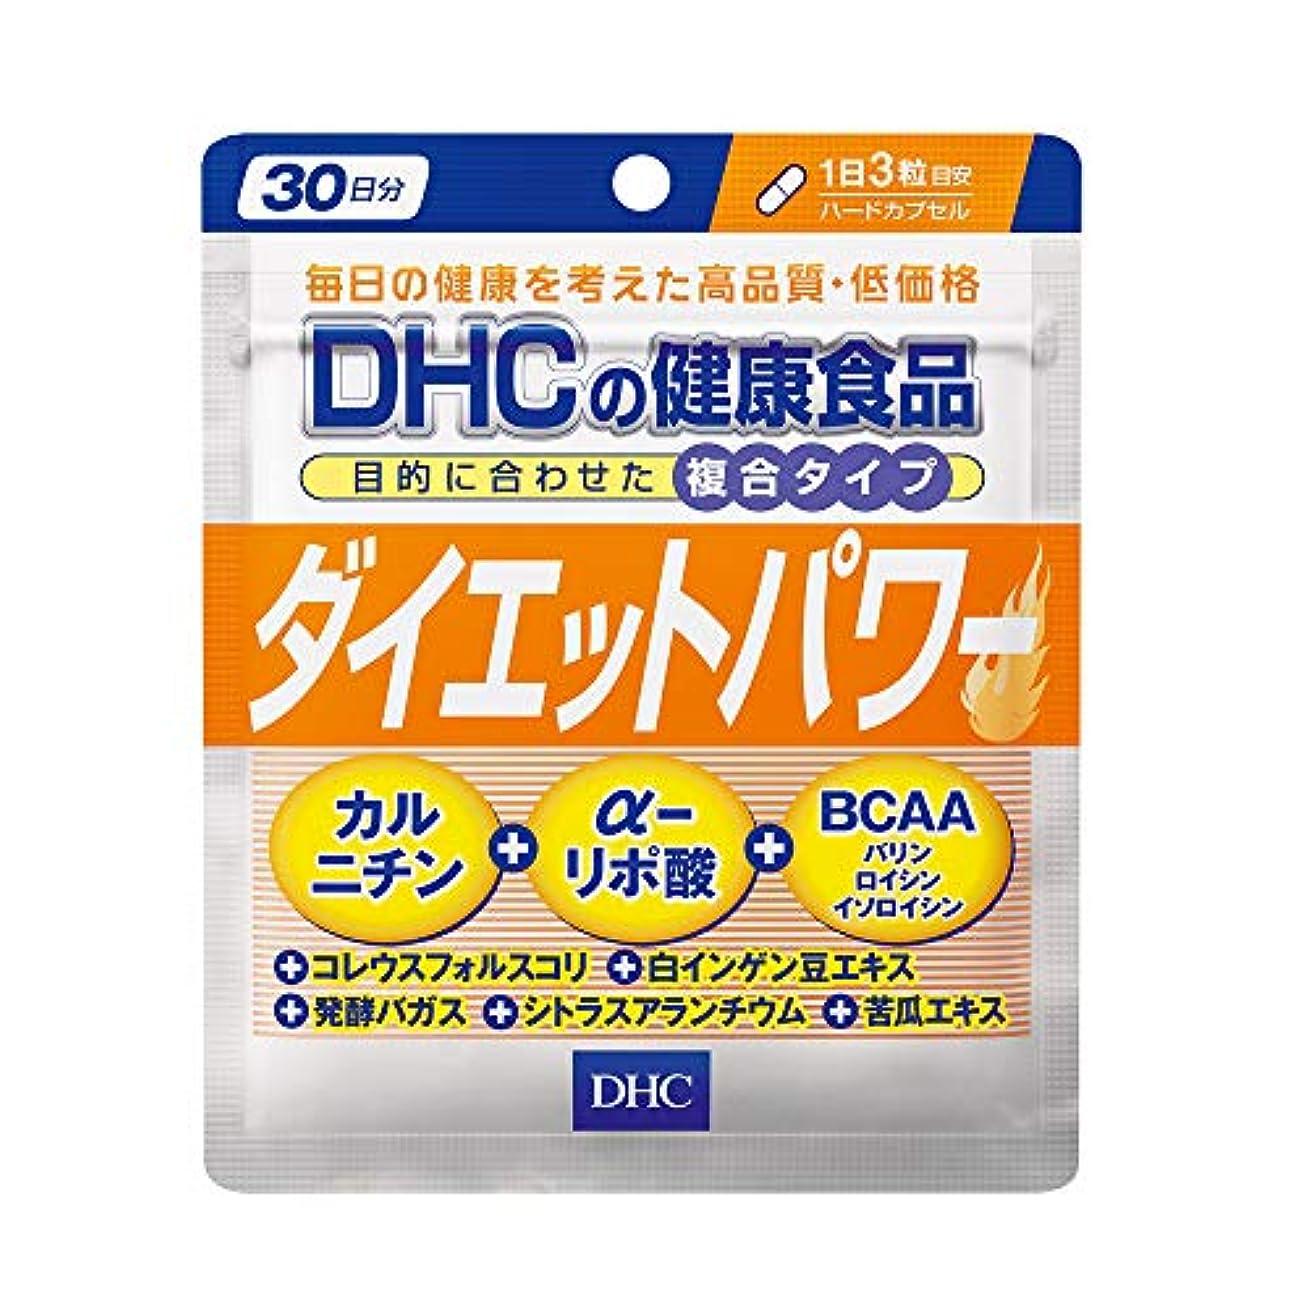 奇跡群れ暴君DHC ダイエットパワー 30日分